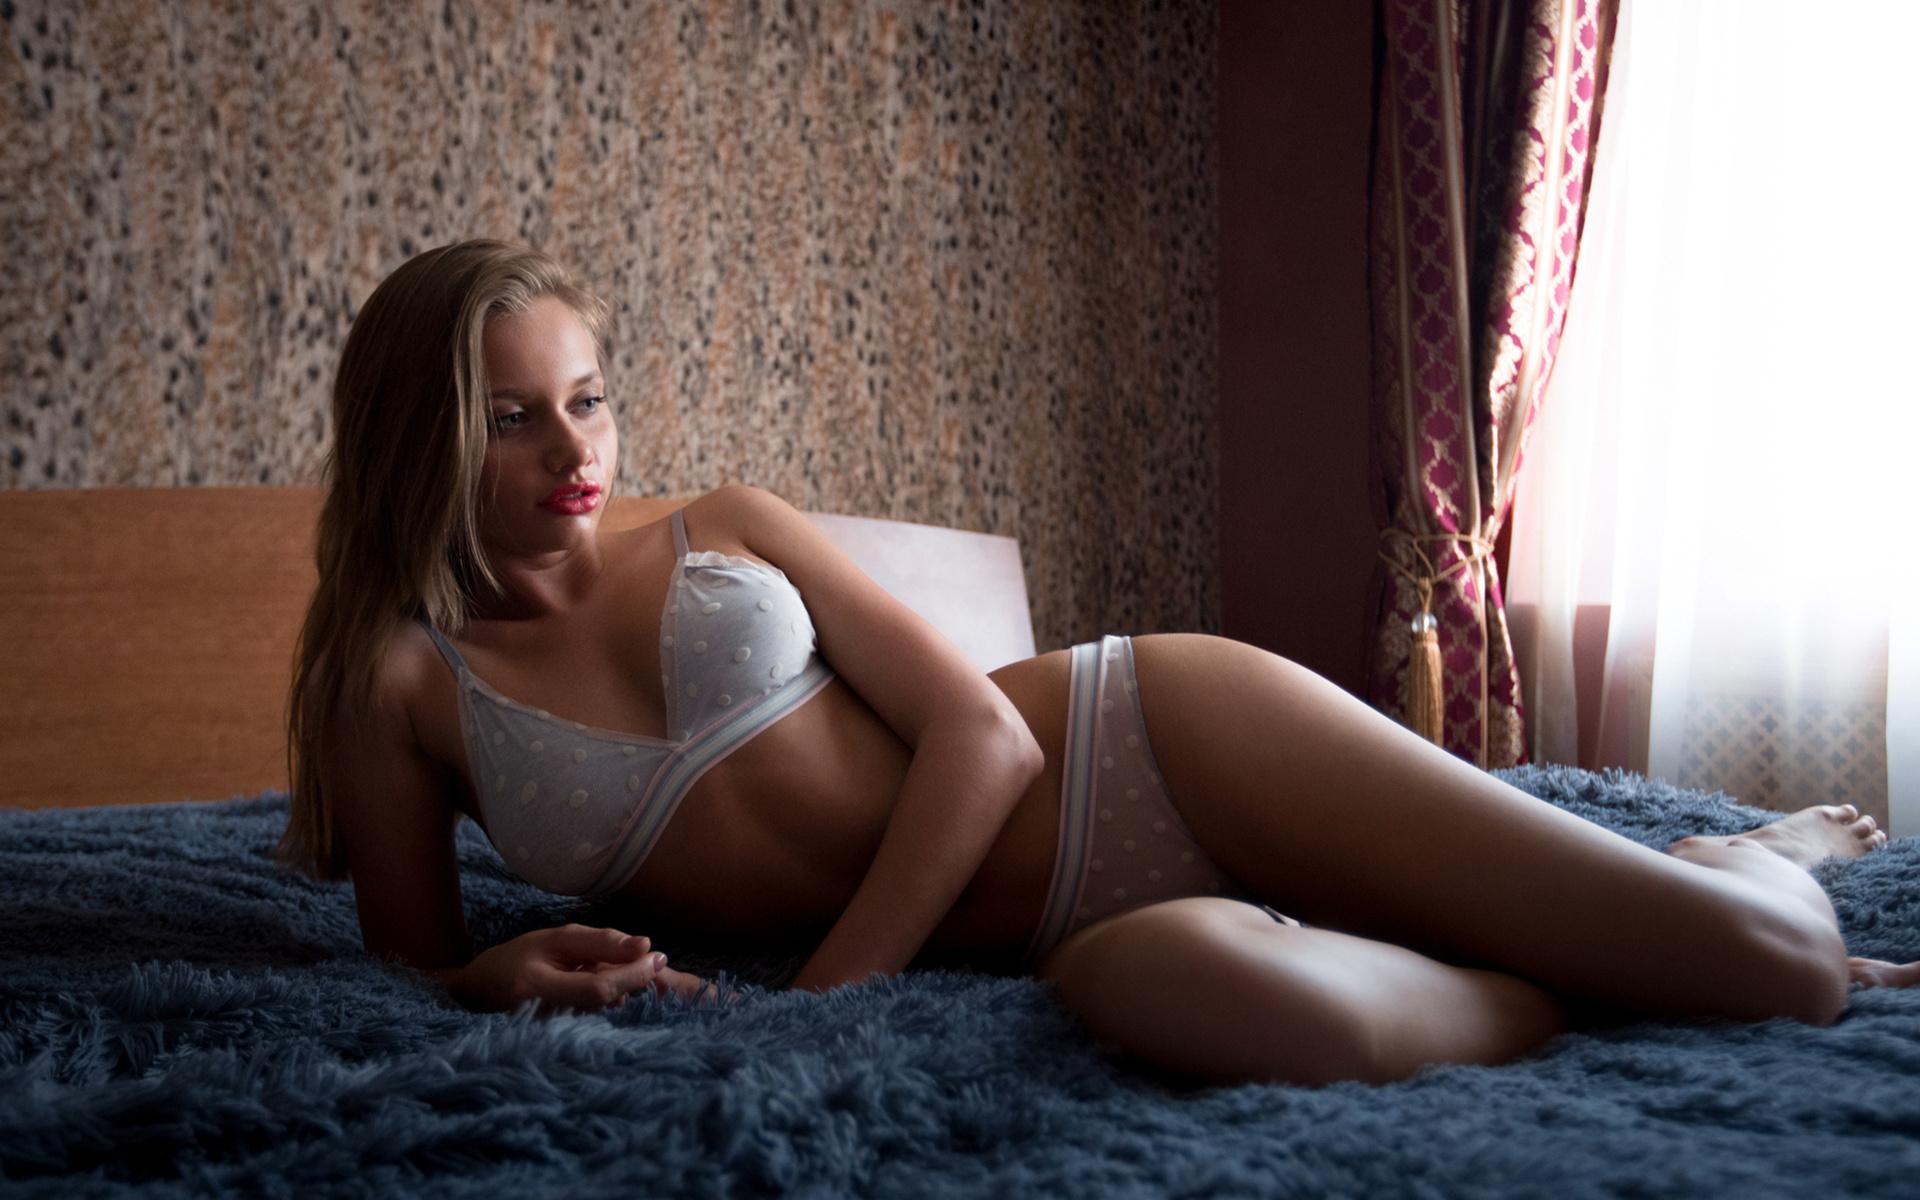 krasivie-devushki-v-krovati-chastnoe-intimnie-foto-so-znamenitostyami